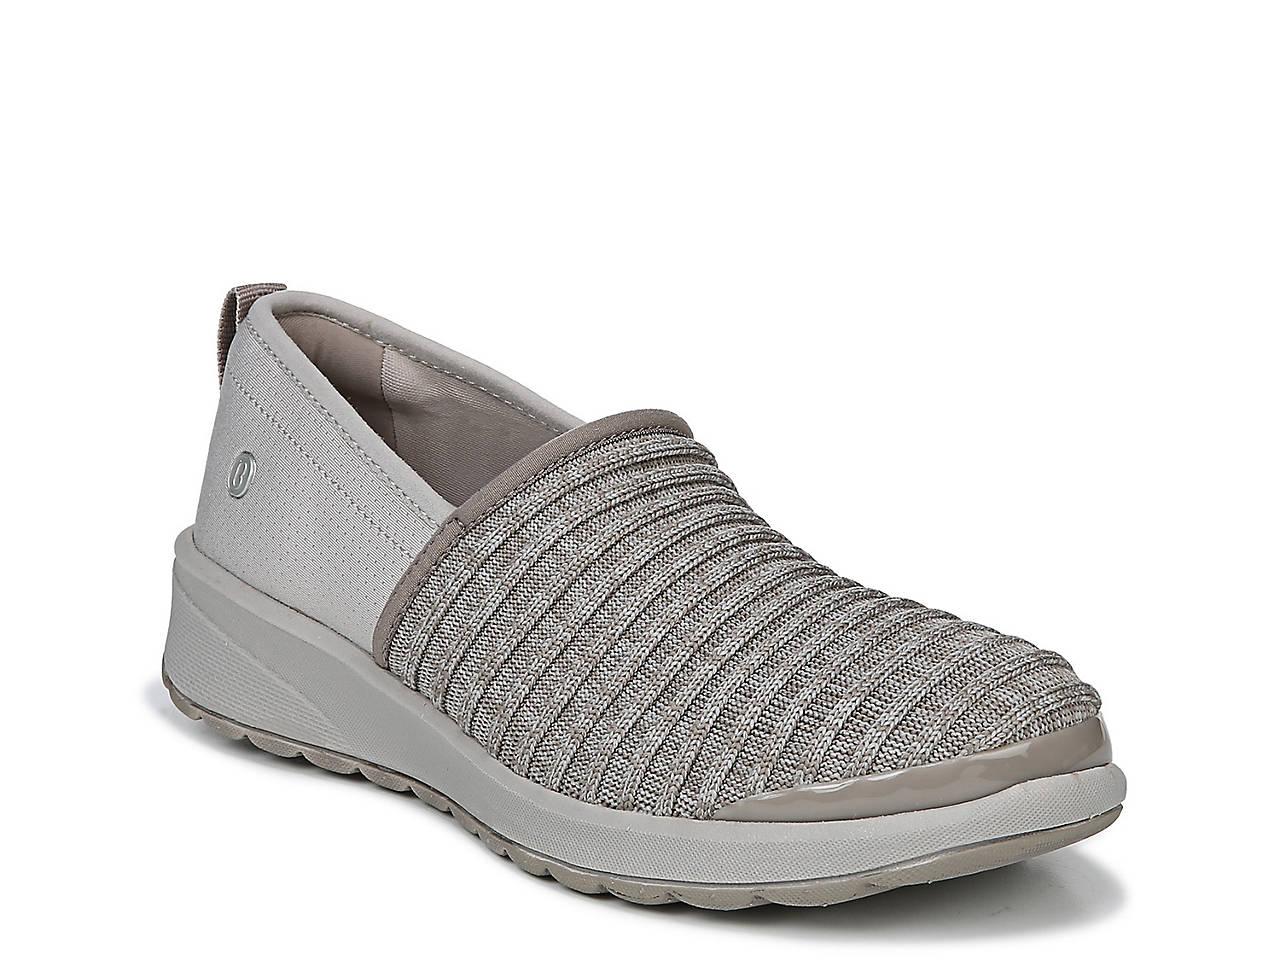 5d2c7c63707 BZees Glee Slip-On Women s Shoes